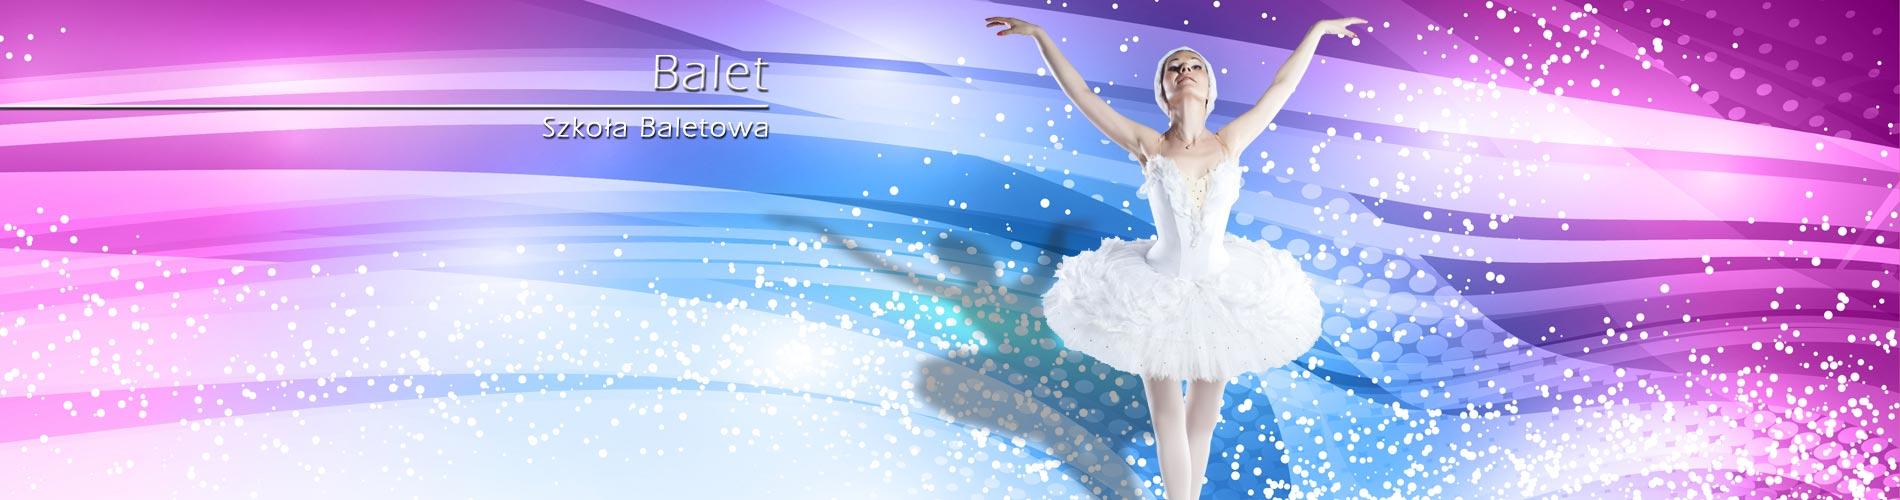 BALET  Szkoła Baletowa - Zapisy